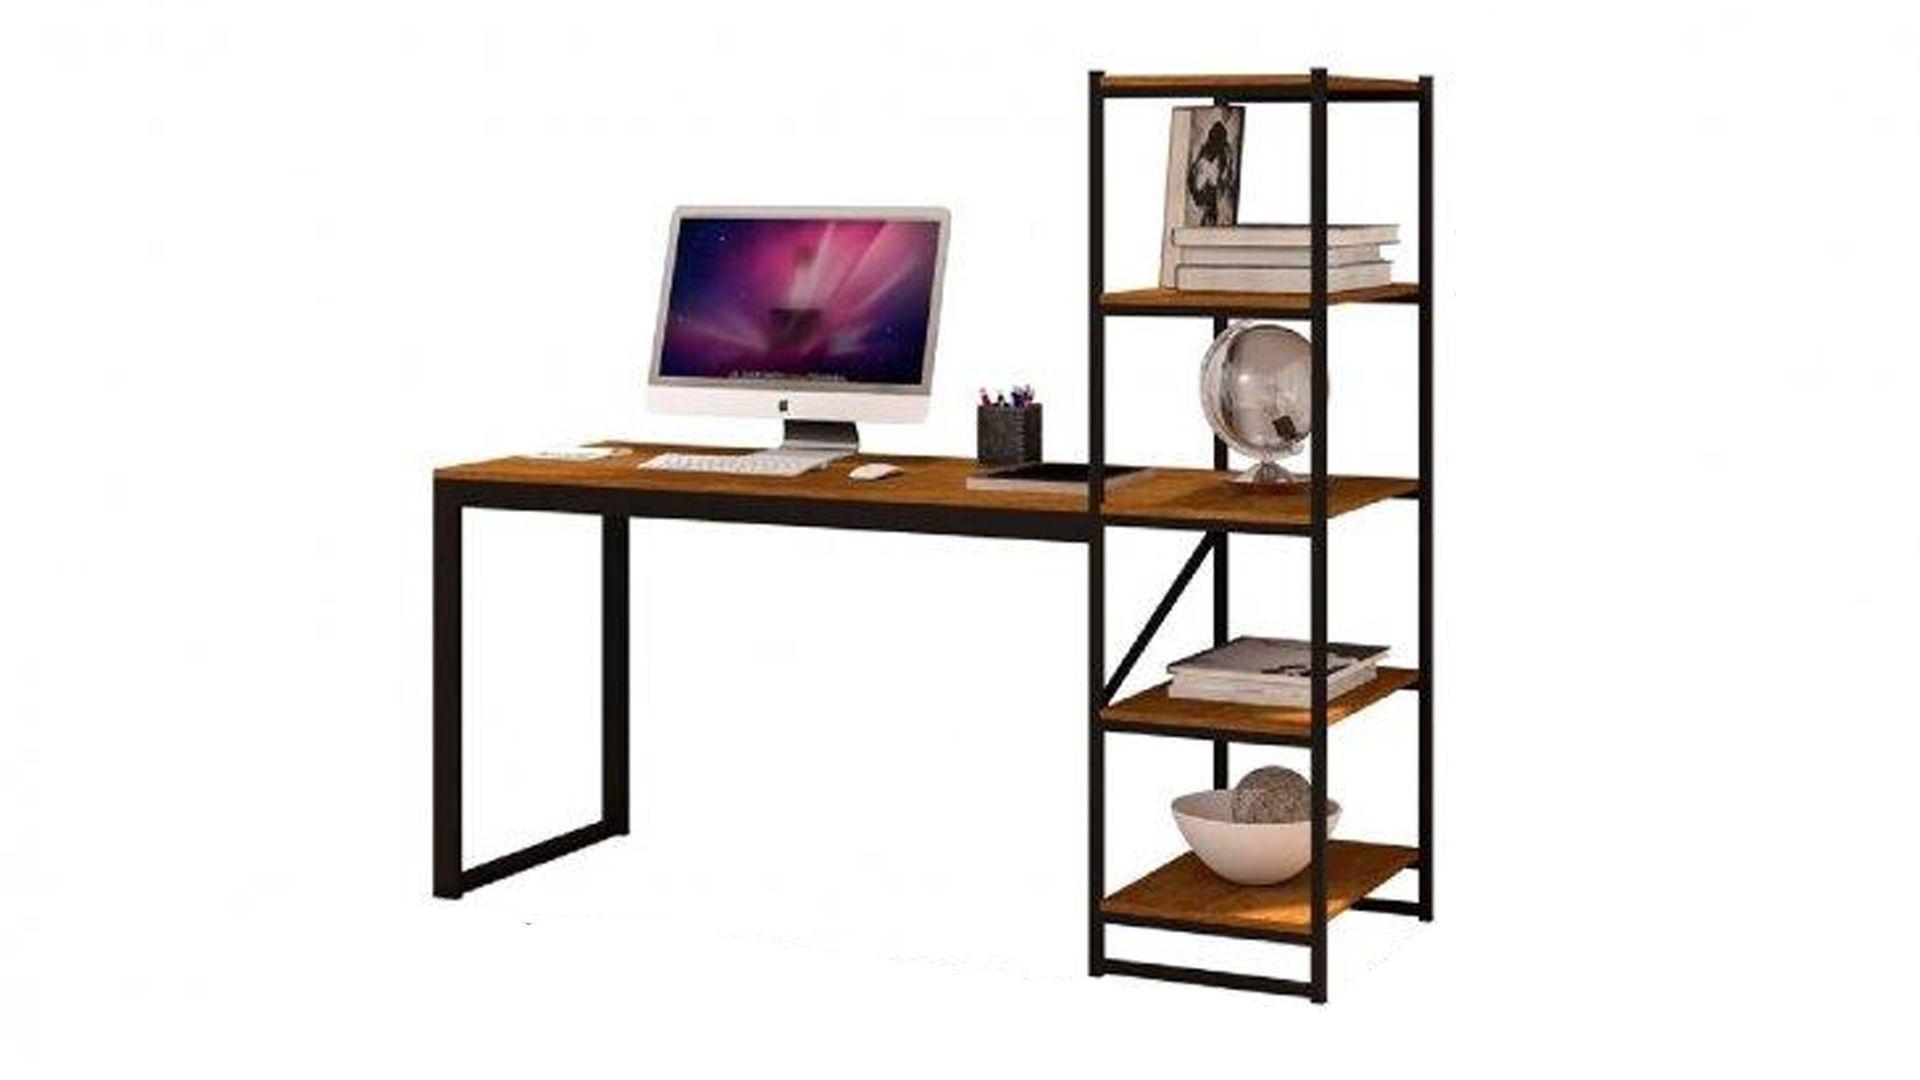 A escrivaninha da Innovare Yescasa contribui com a organização no home-office (Fonte: Reprodução)